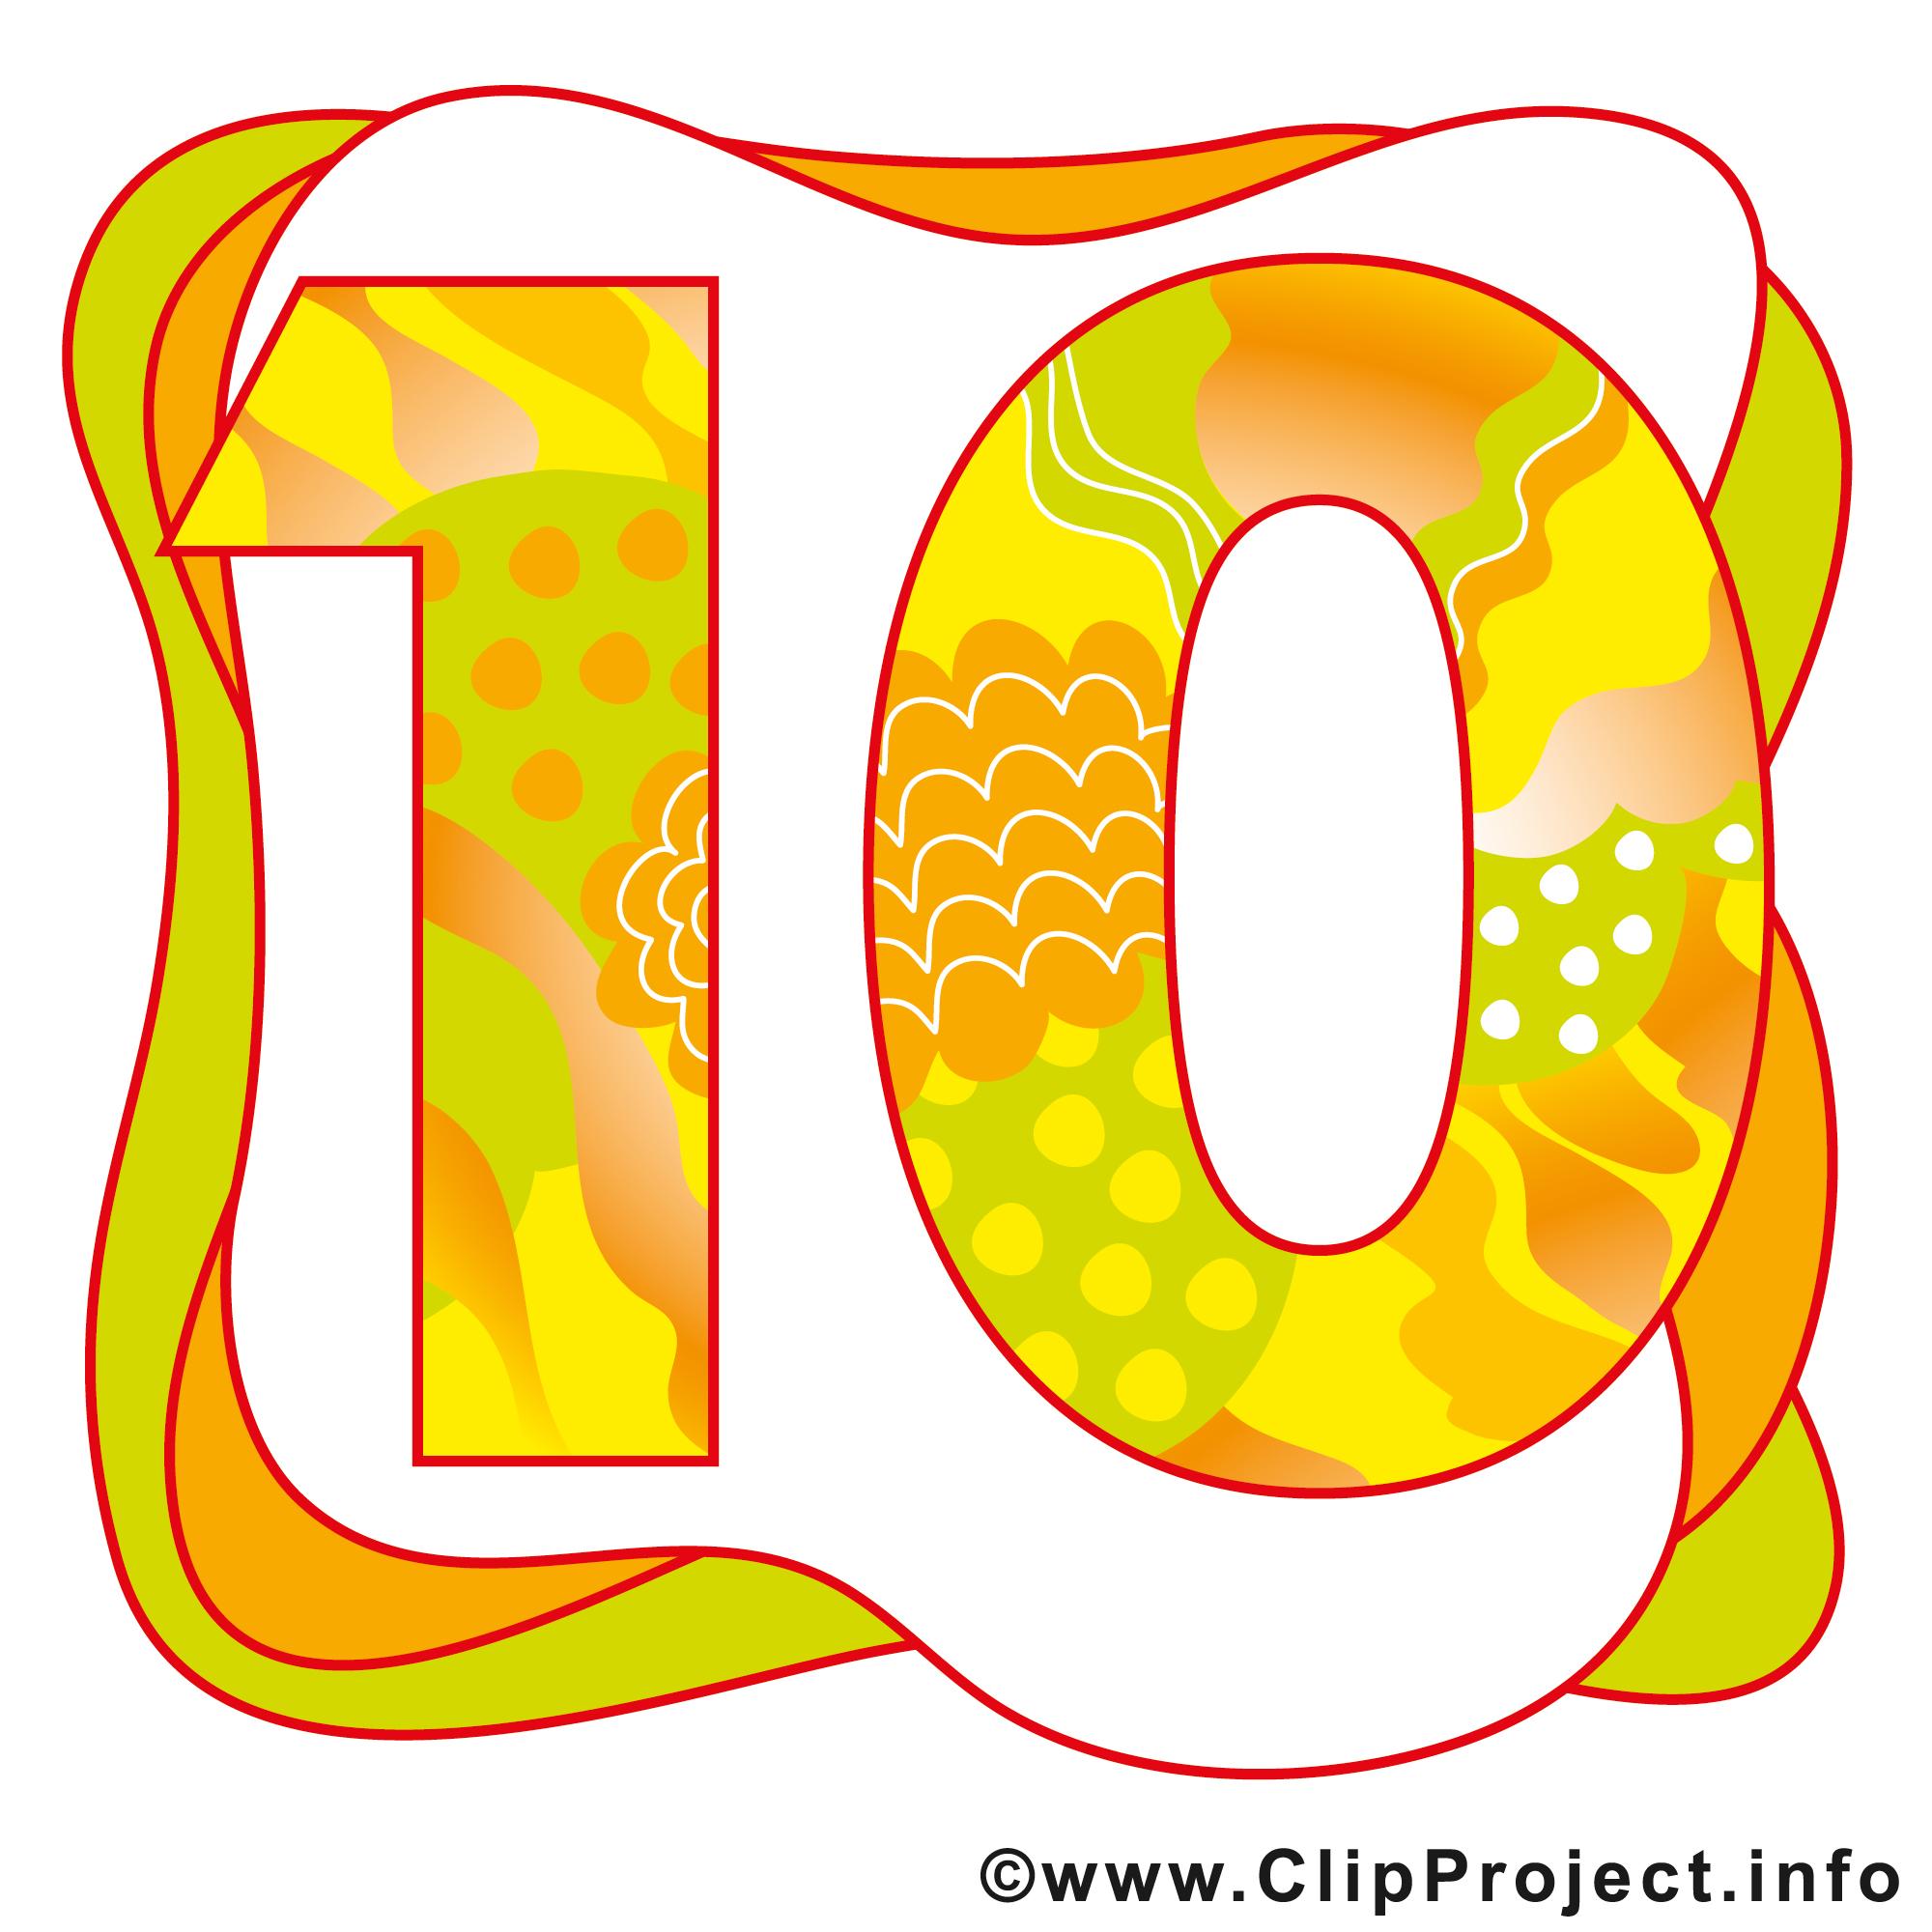 10 Ans Illustration Anniversaire Images Anniversaire Dessin Picture Image Graphic Clip Art Telecharger Gratuit